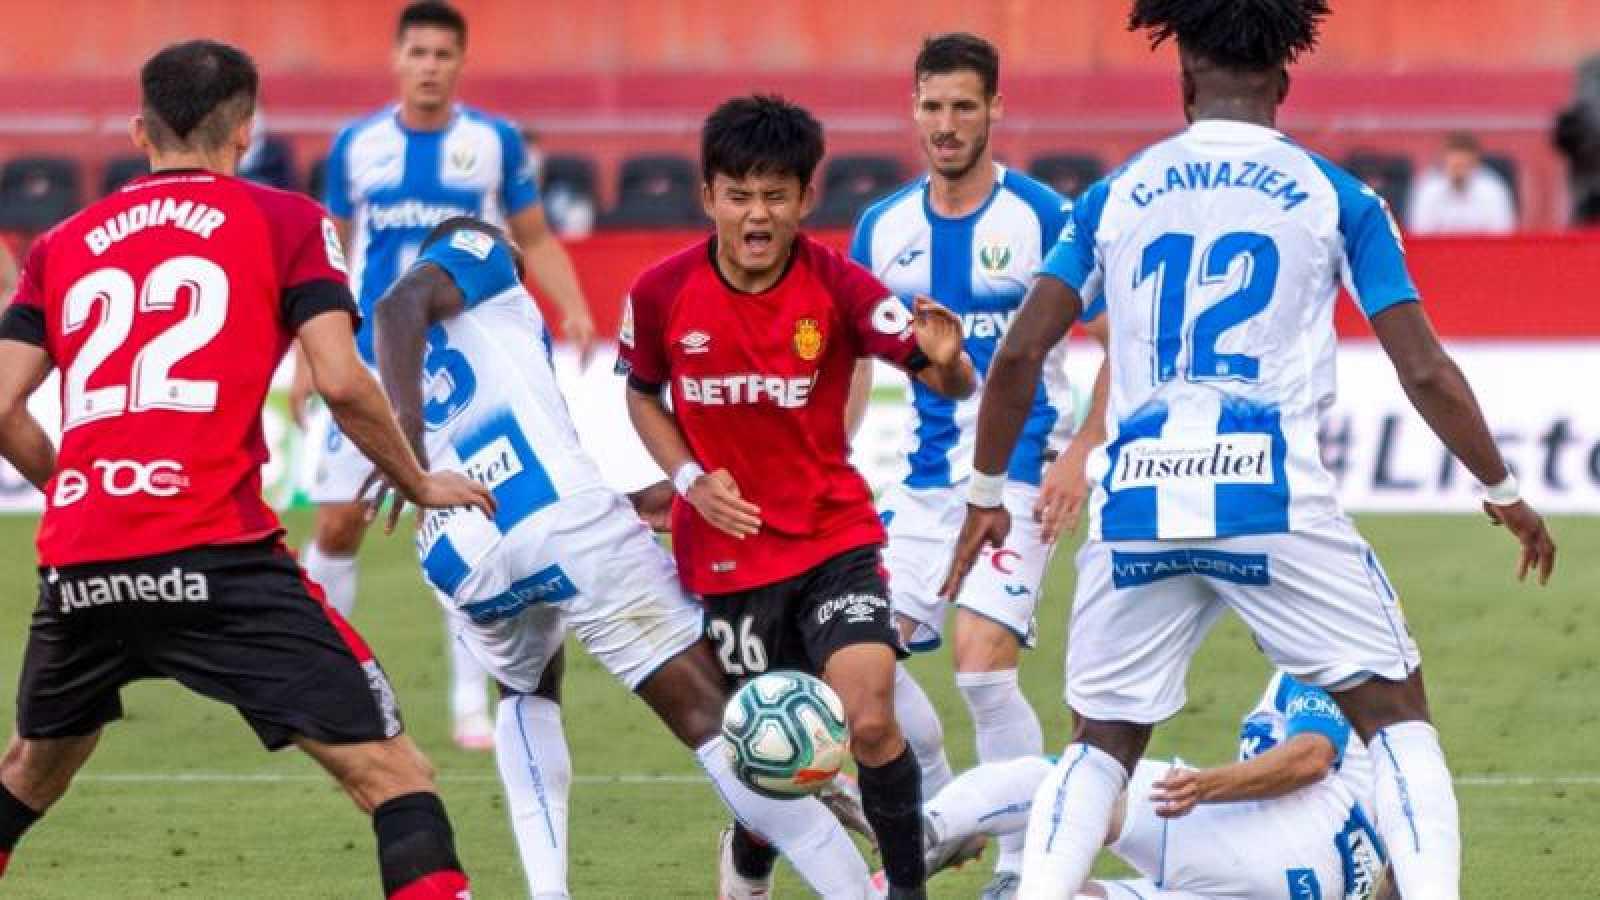 El centrocampista japonés del Real Mallorca, Takefusa Kubo busca abrirse camino entre los defensores del Leganés.